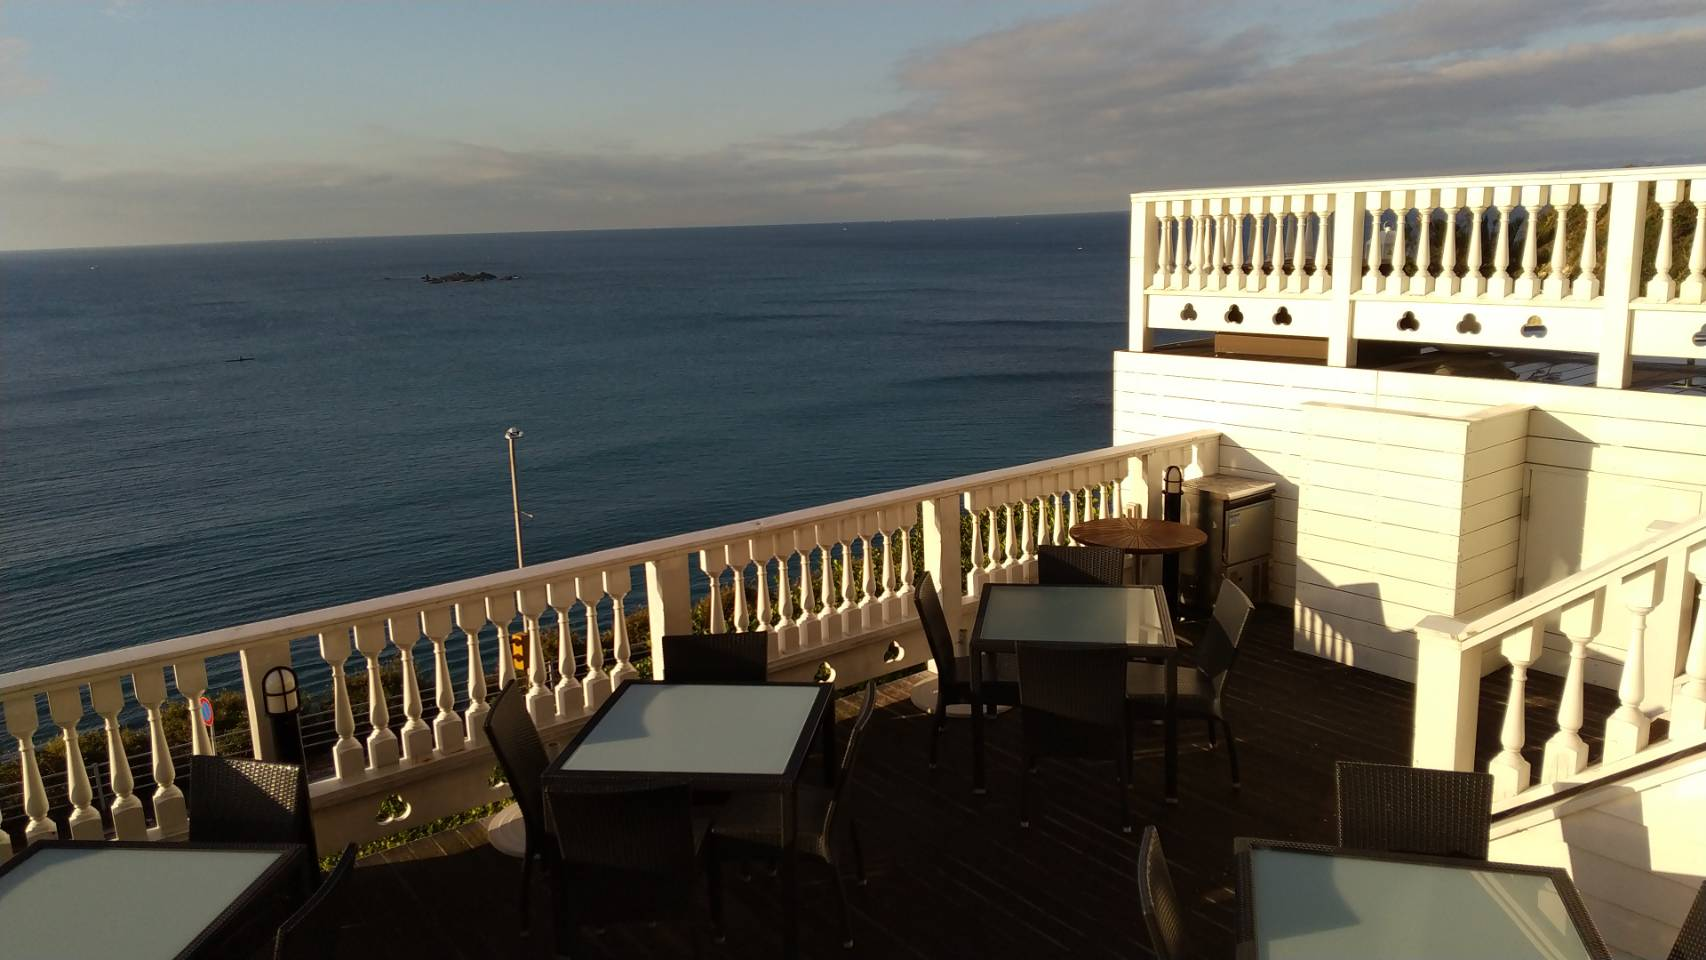 海が見えるオーベルジュ!葉山ホテル 音羽の森で旅ヨガを満喫する方法